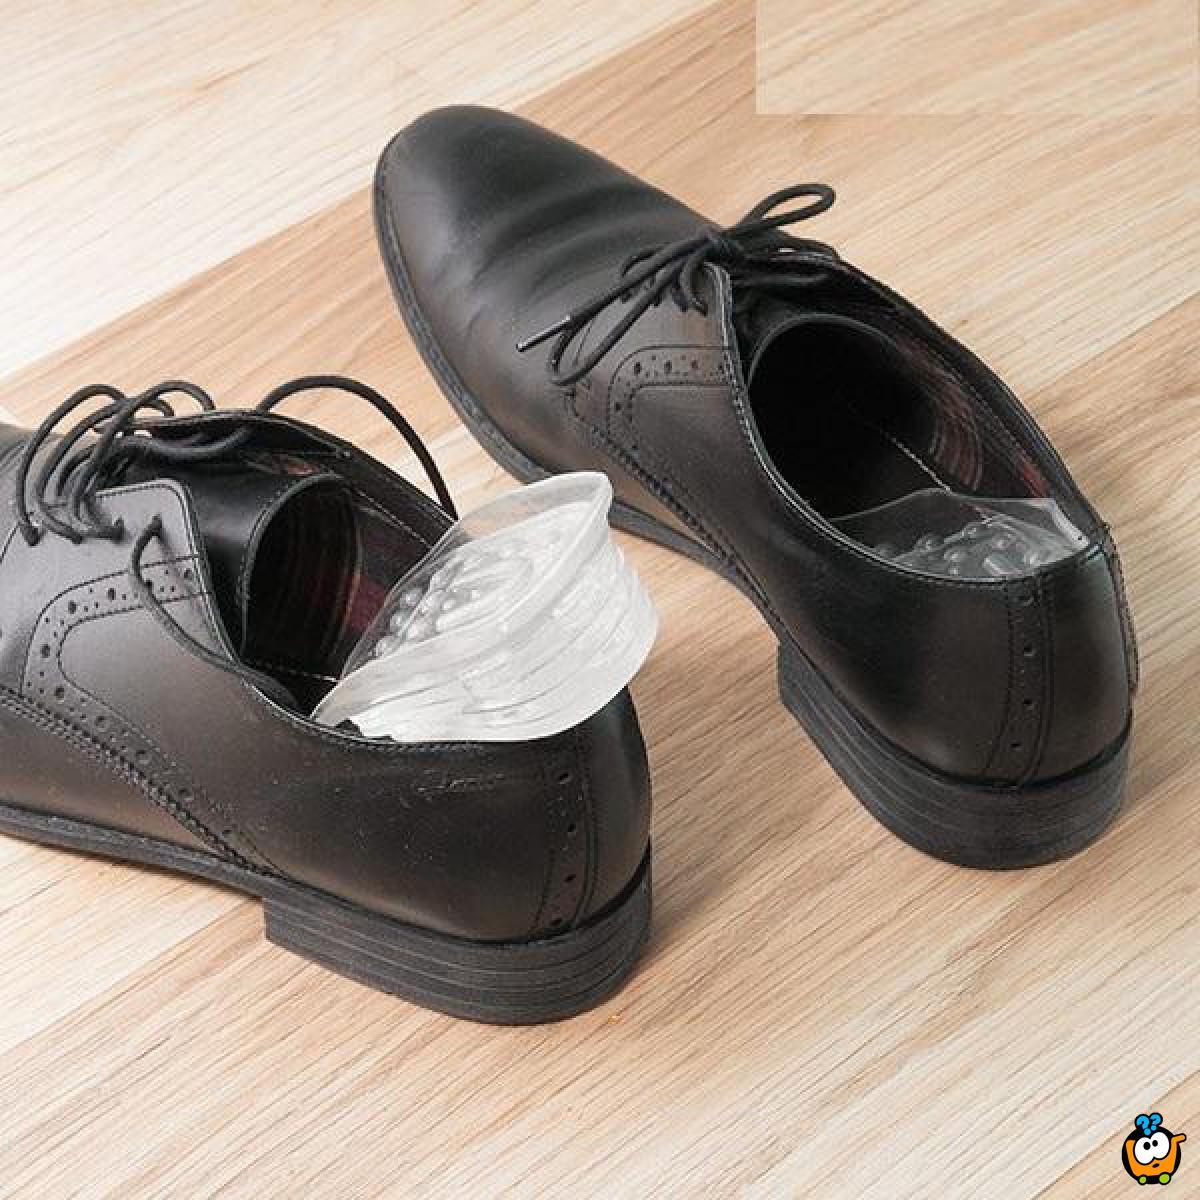 Instant ulošci za obuću - Budite 5 cm viši